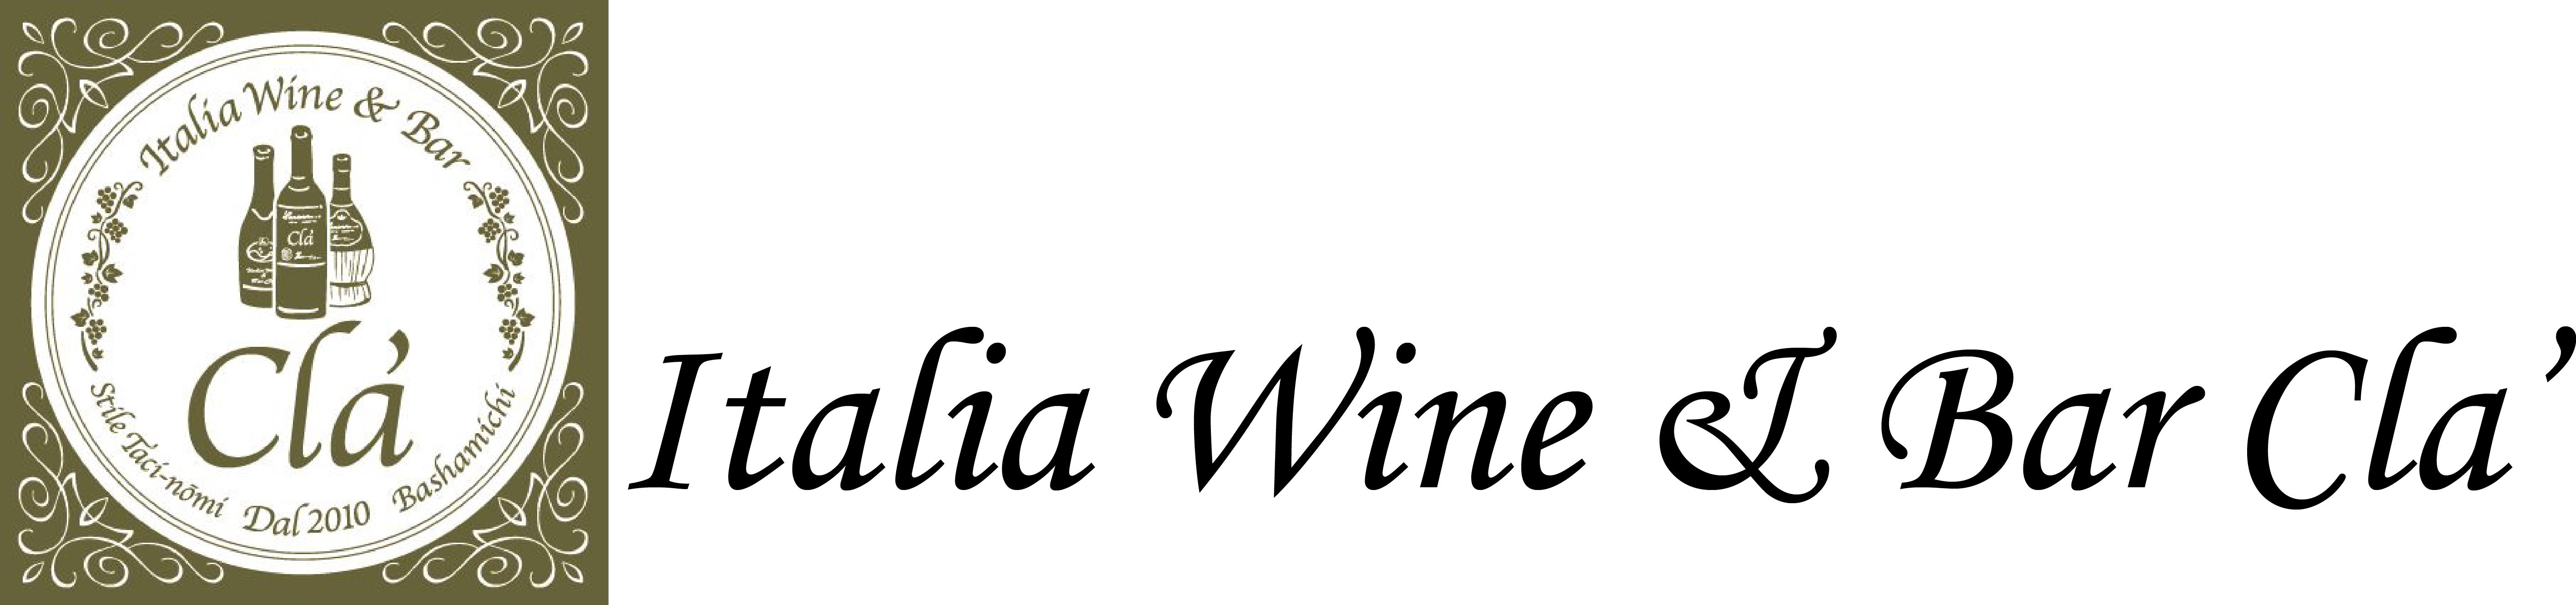 Testイタリアワイン&バール クラッ